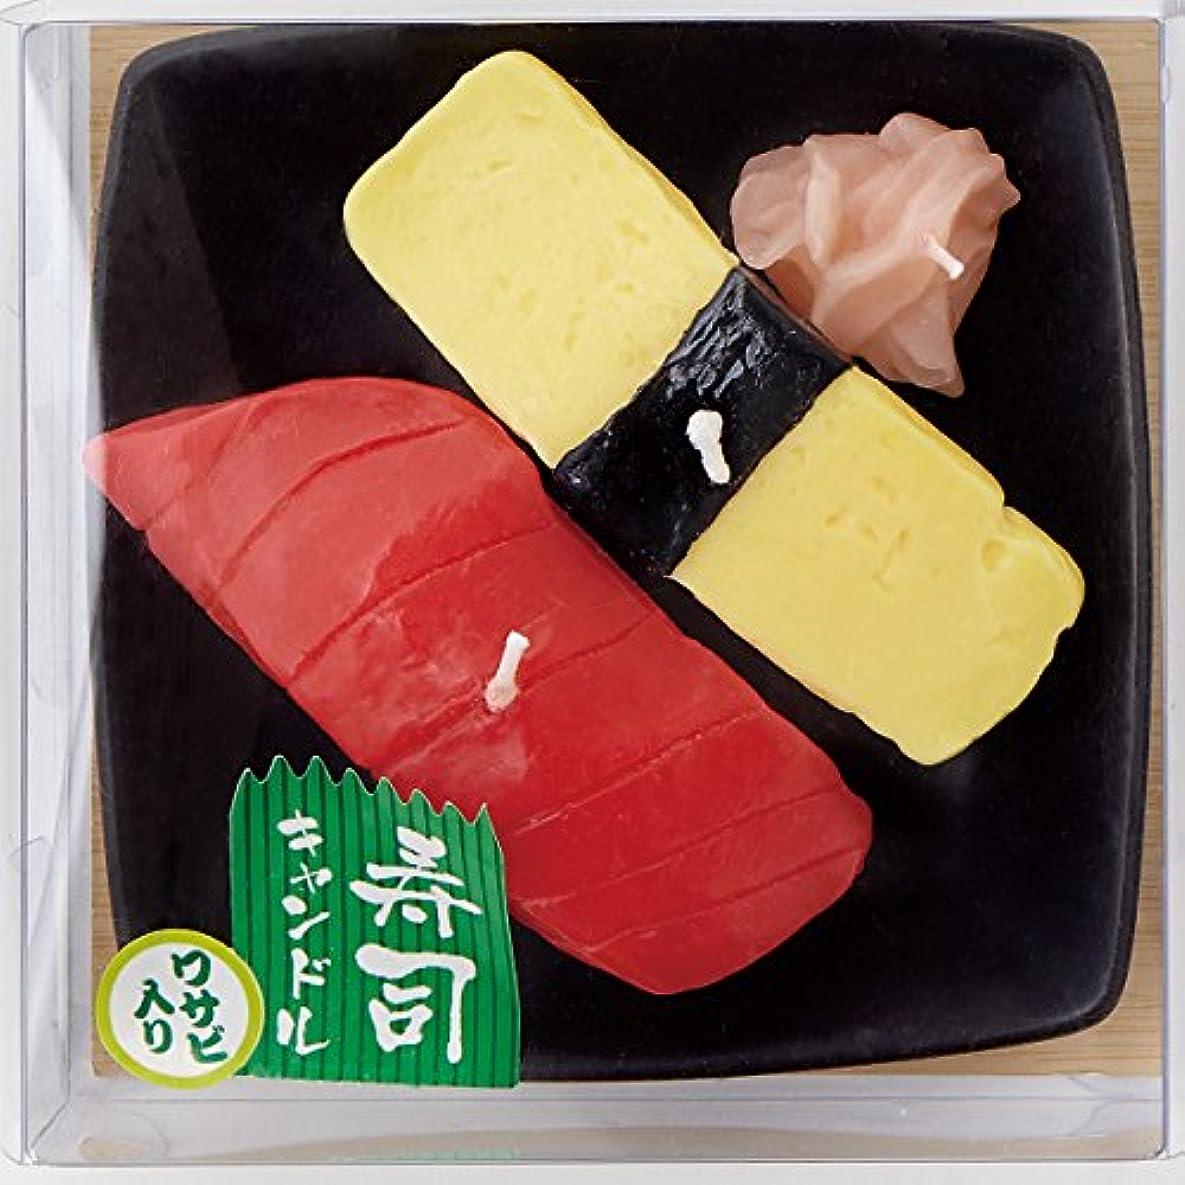 カフェレシピ装備する寿司キャンドル A(マグロ?玉子) サビ入